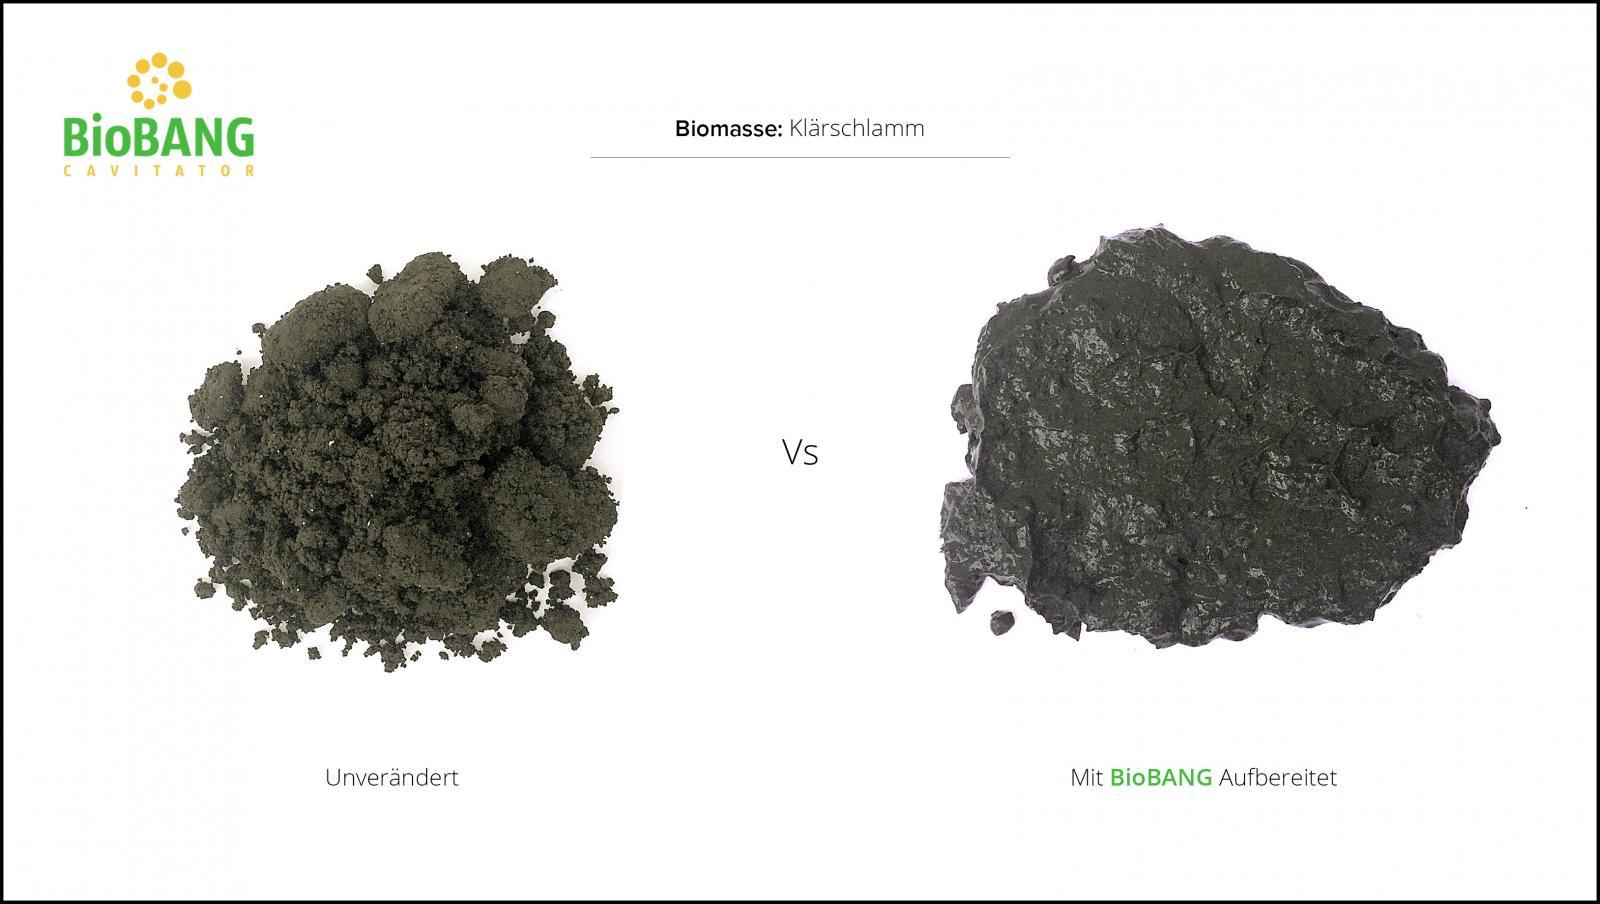 Behandlung_von_Biomasse_klarschlamm